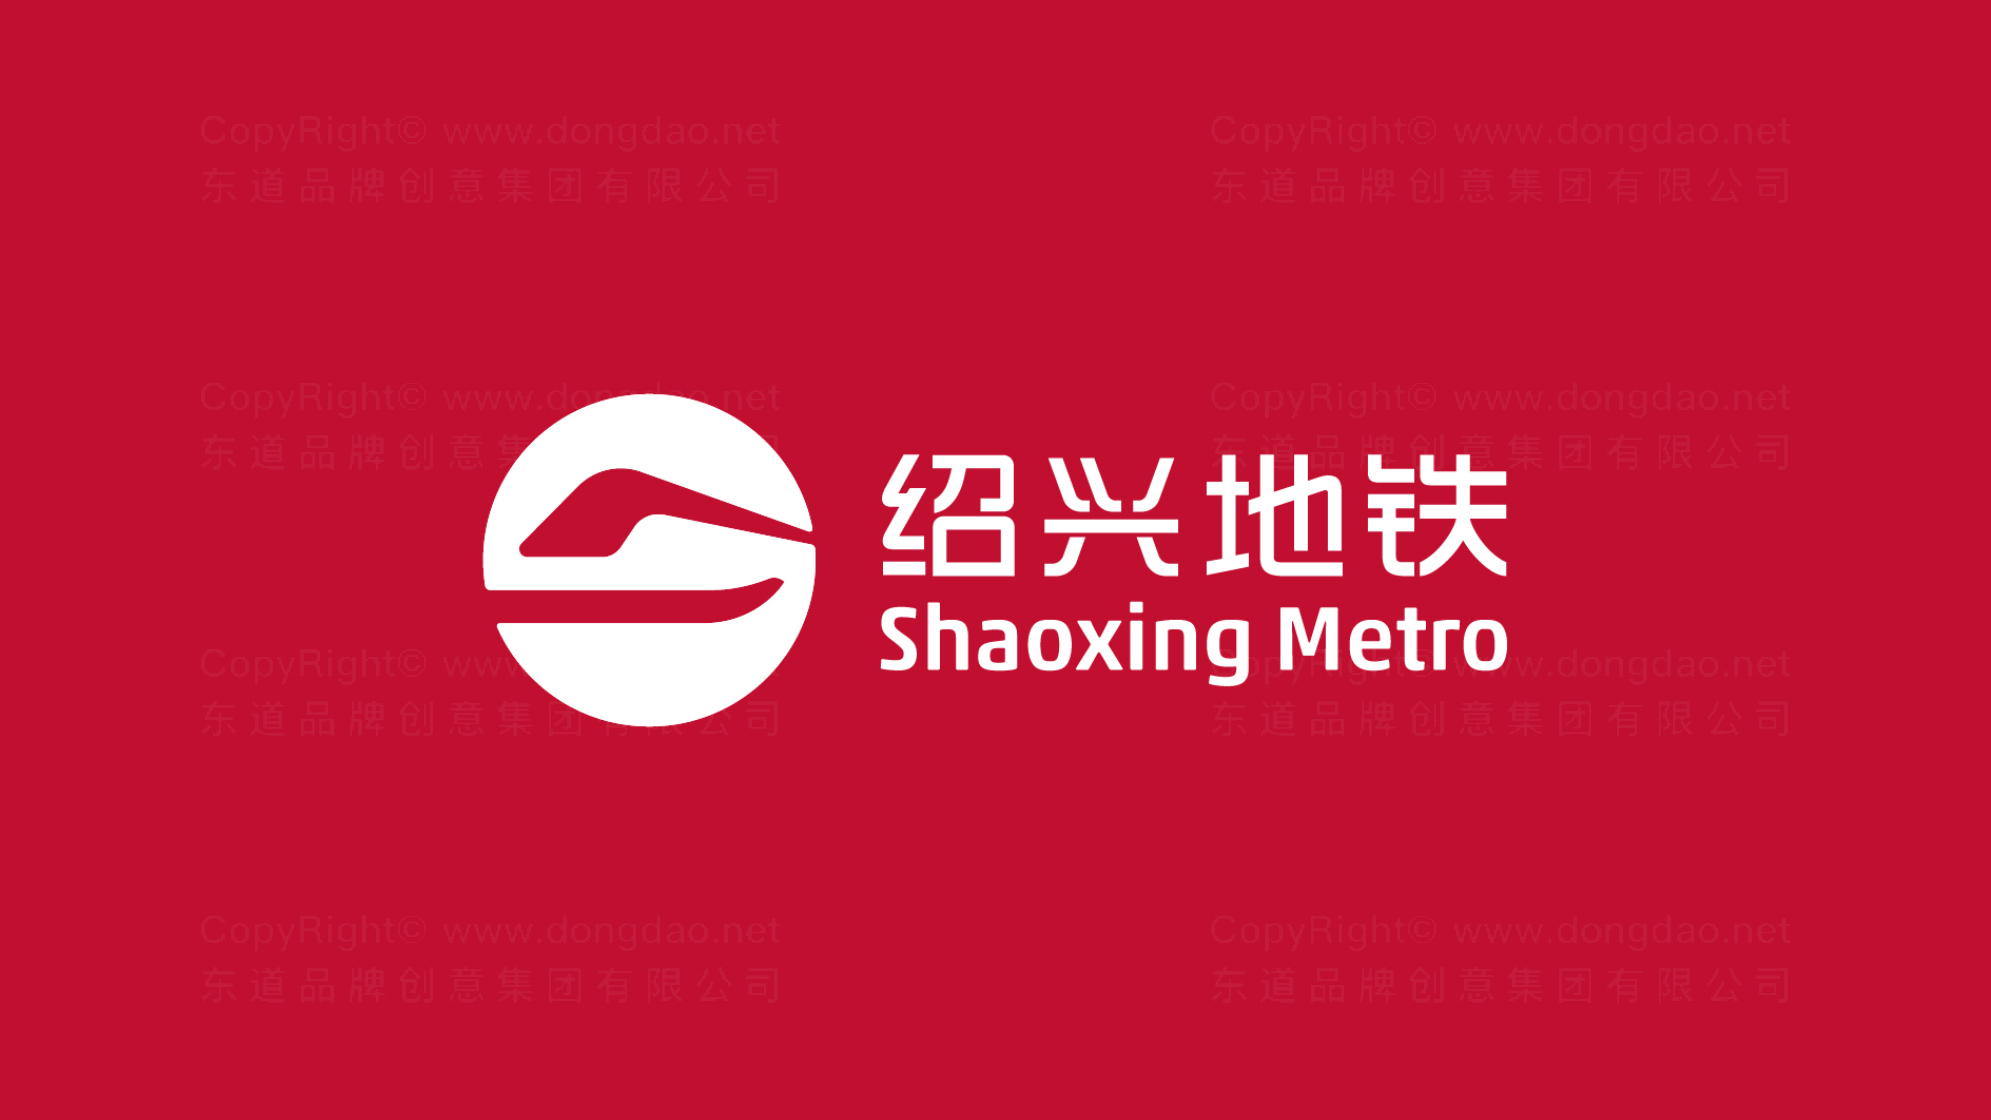 品牌设计绍兴地铁LOGO&VI设计应用